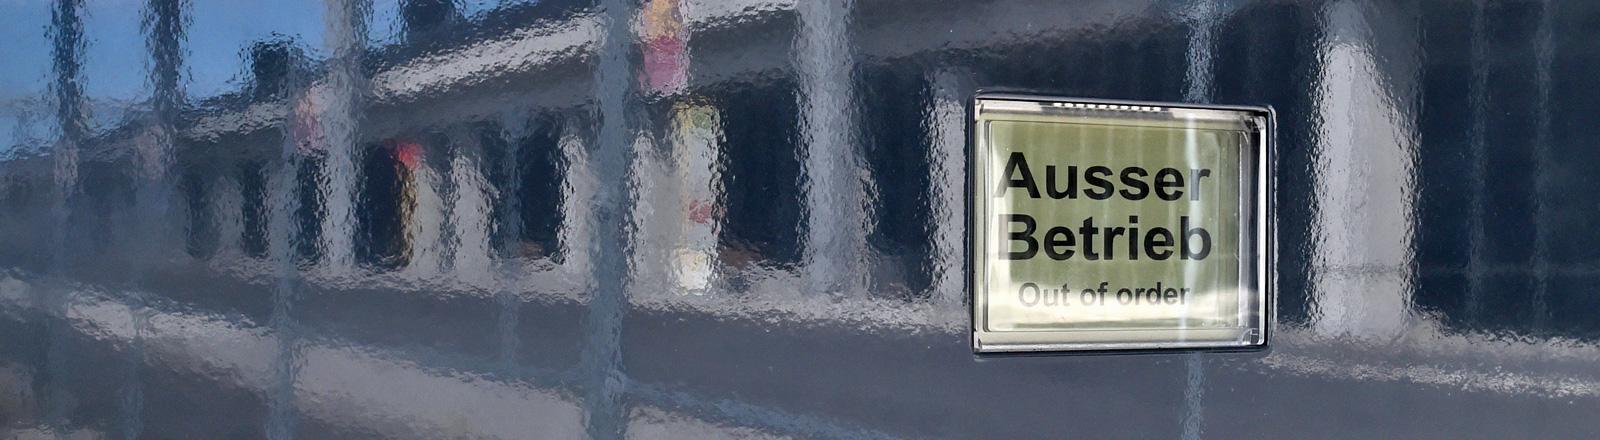 """""""Ausser Betrieb"""" steht auf einem Display in einer Metallwand einer Notrufsäule, in der sich am 16.06.2014 das Terminal des Flughafens Berlin Brandenburg spiegelt."""